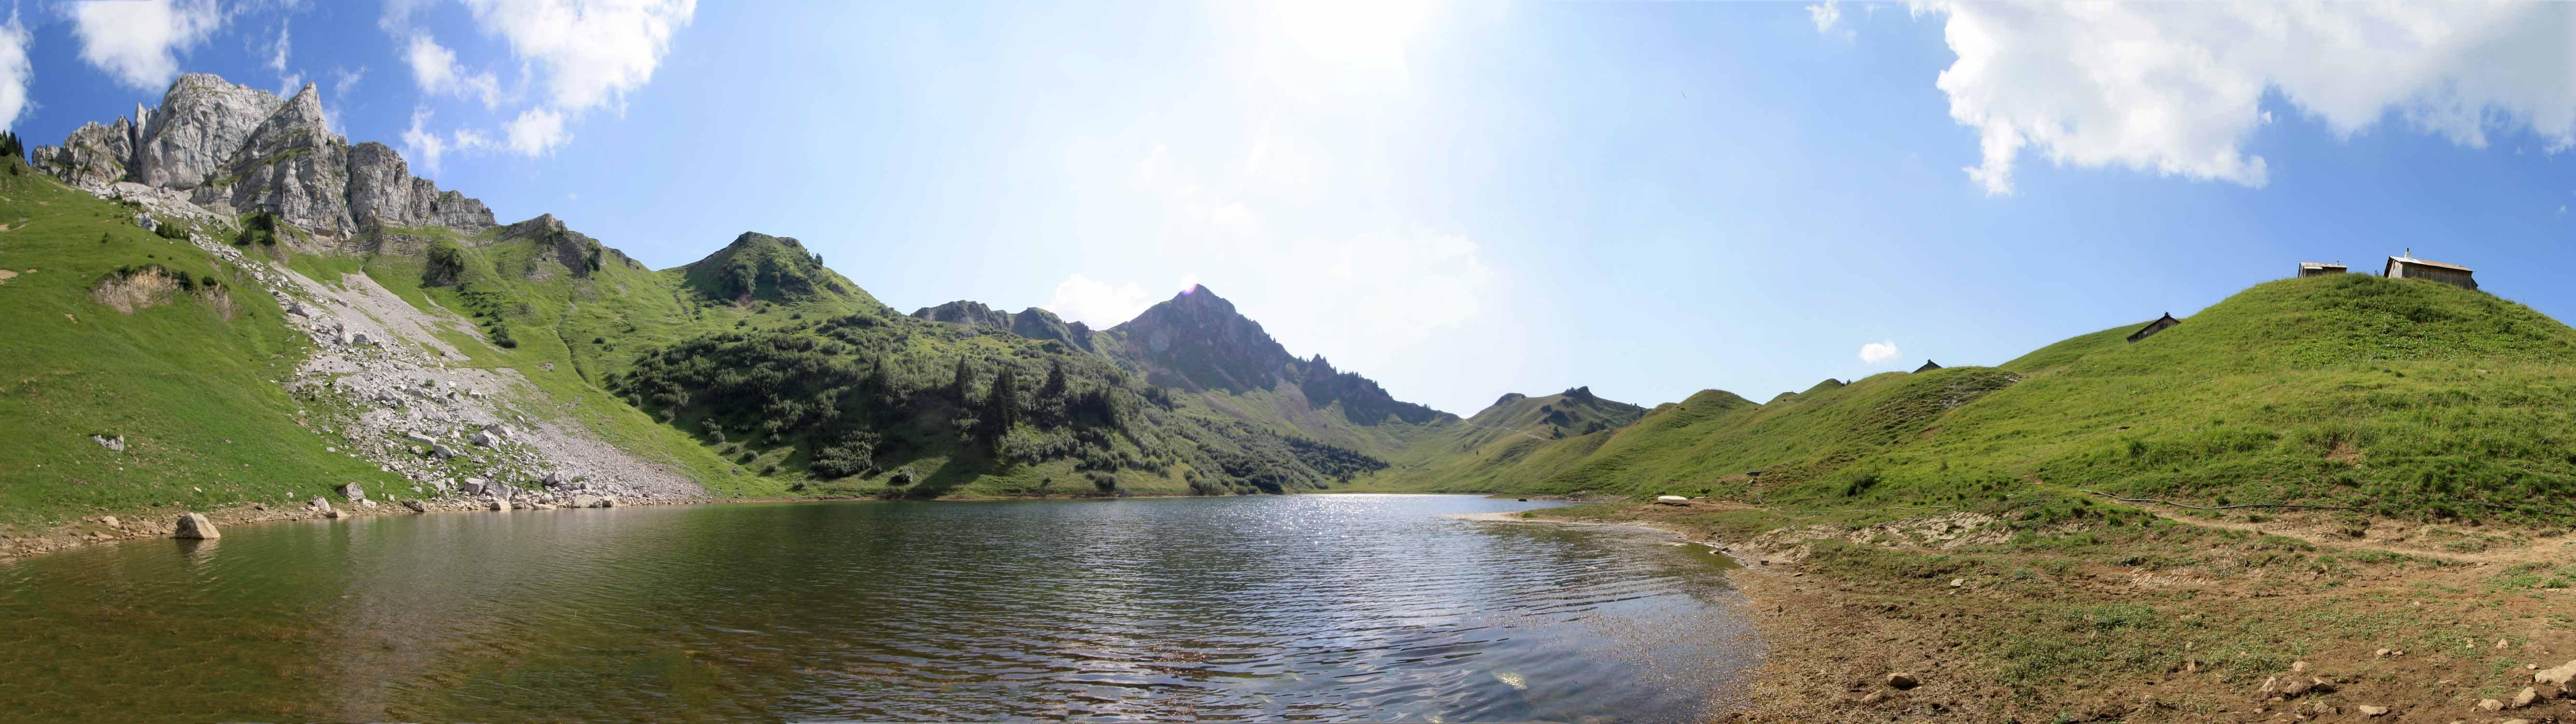 Le Lac de Lessy et l'Aiguille Verte en fond